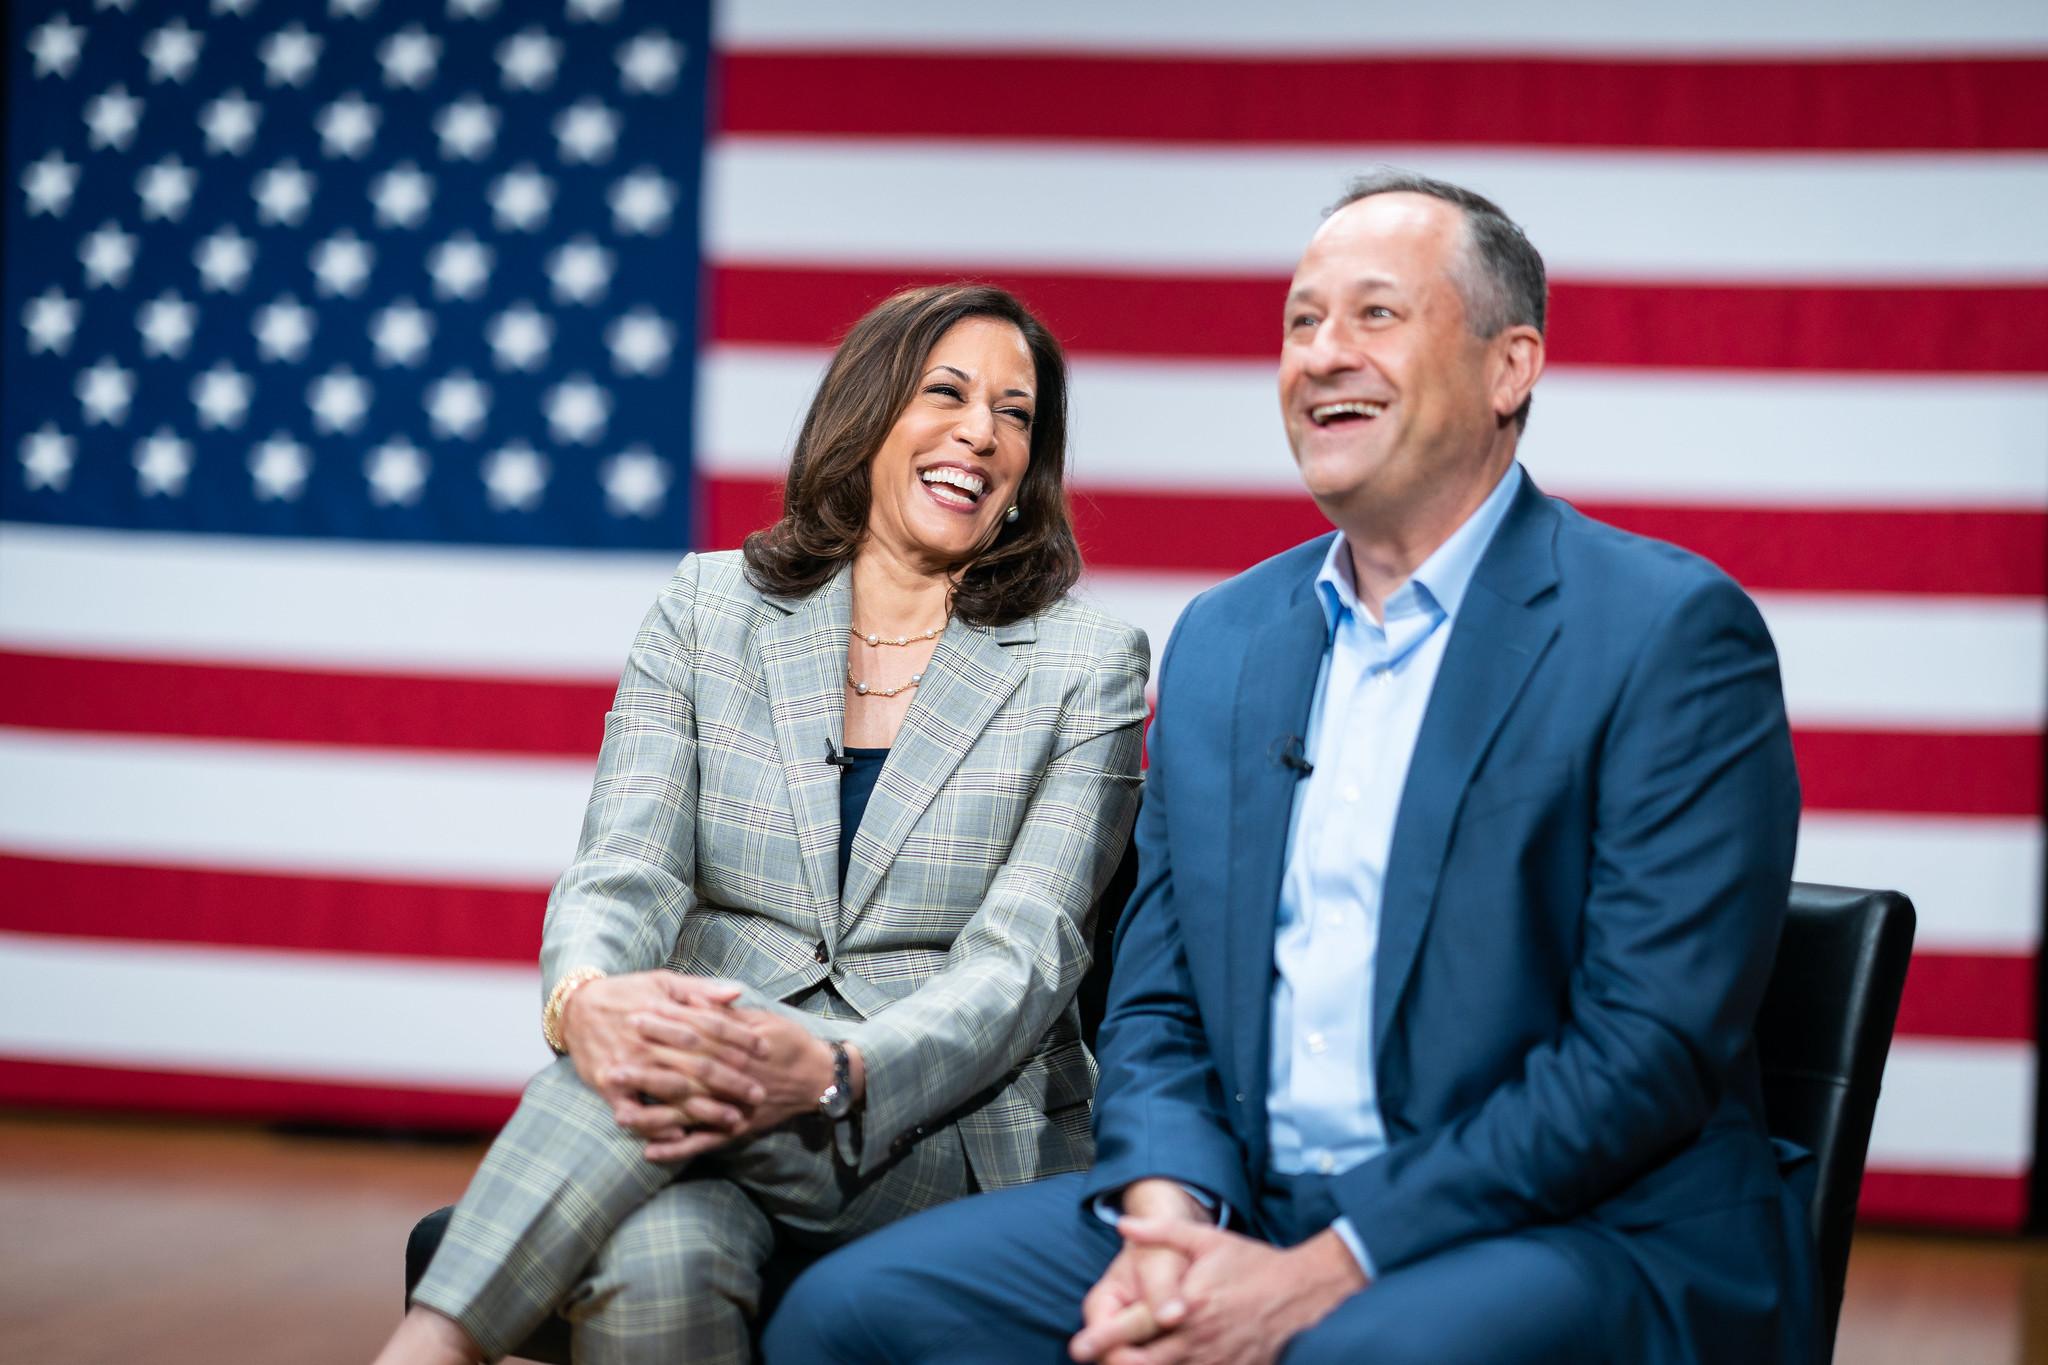 Doug Emhoff (a la derecha) está sentado en el escenario con su esposa, Kamala Harris (a la izquierda)